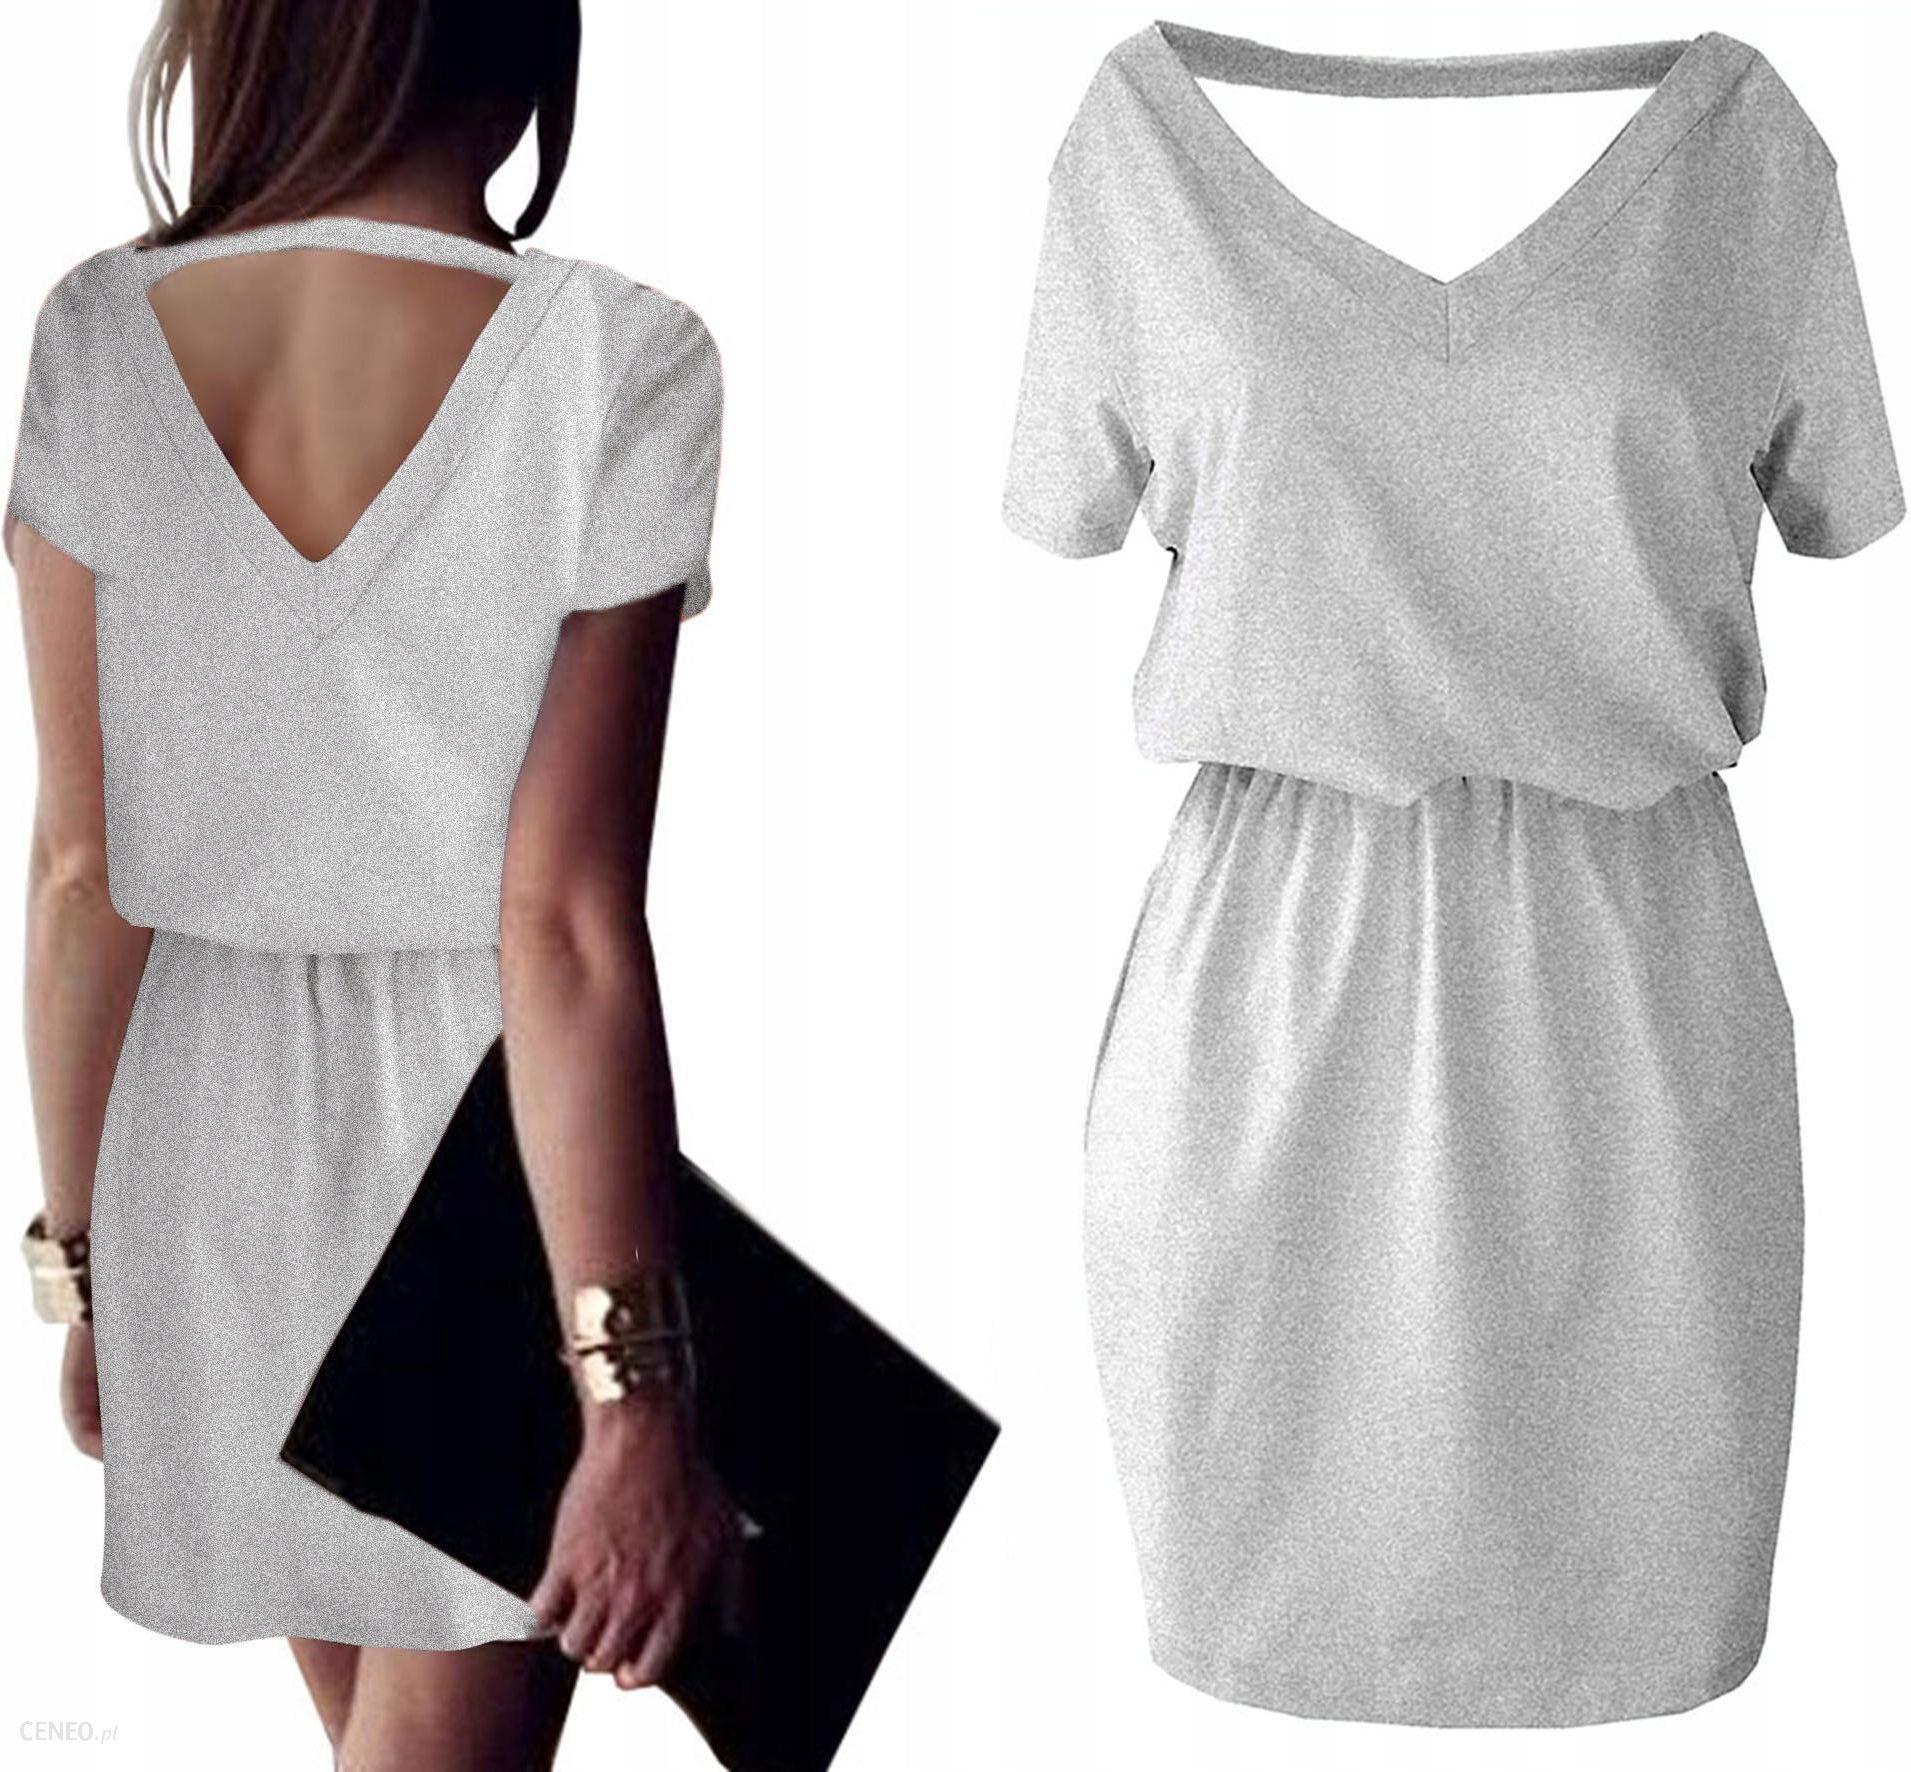 41580a56a95208 Awanti kobieca Sukienka wycięty tył v-neck pastele - Ceny i opinie ...